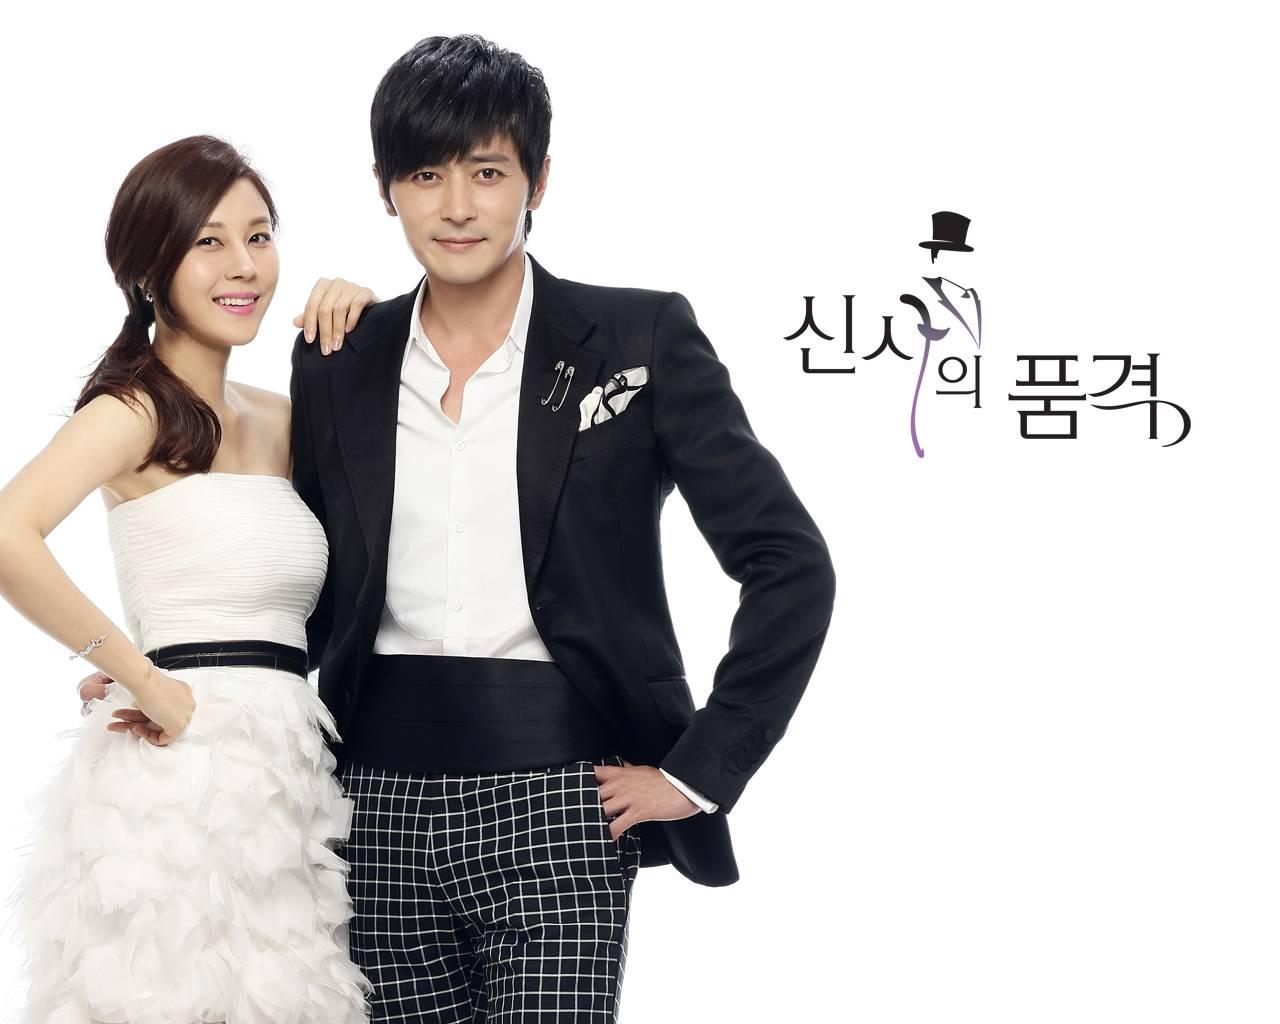 دانلود سریال کره ای شخصیت یک مرد محترم